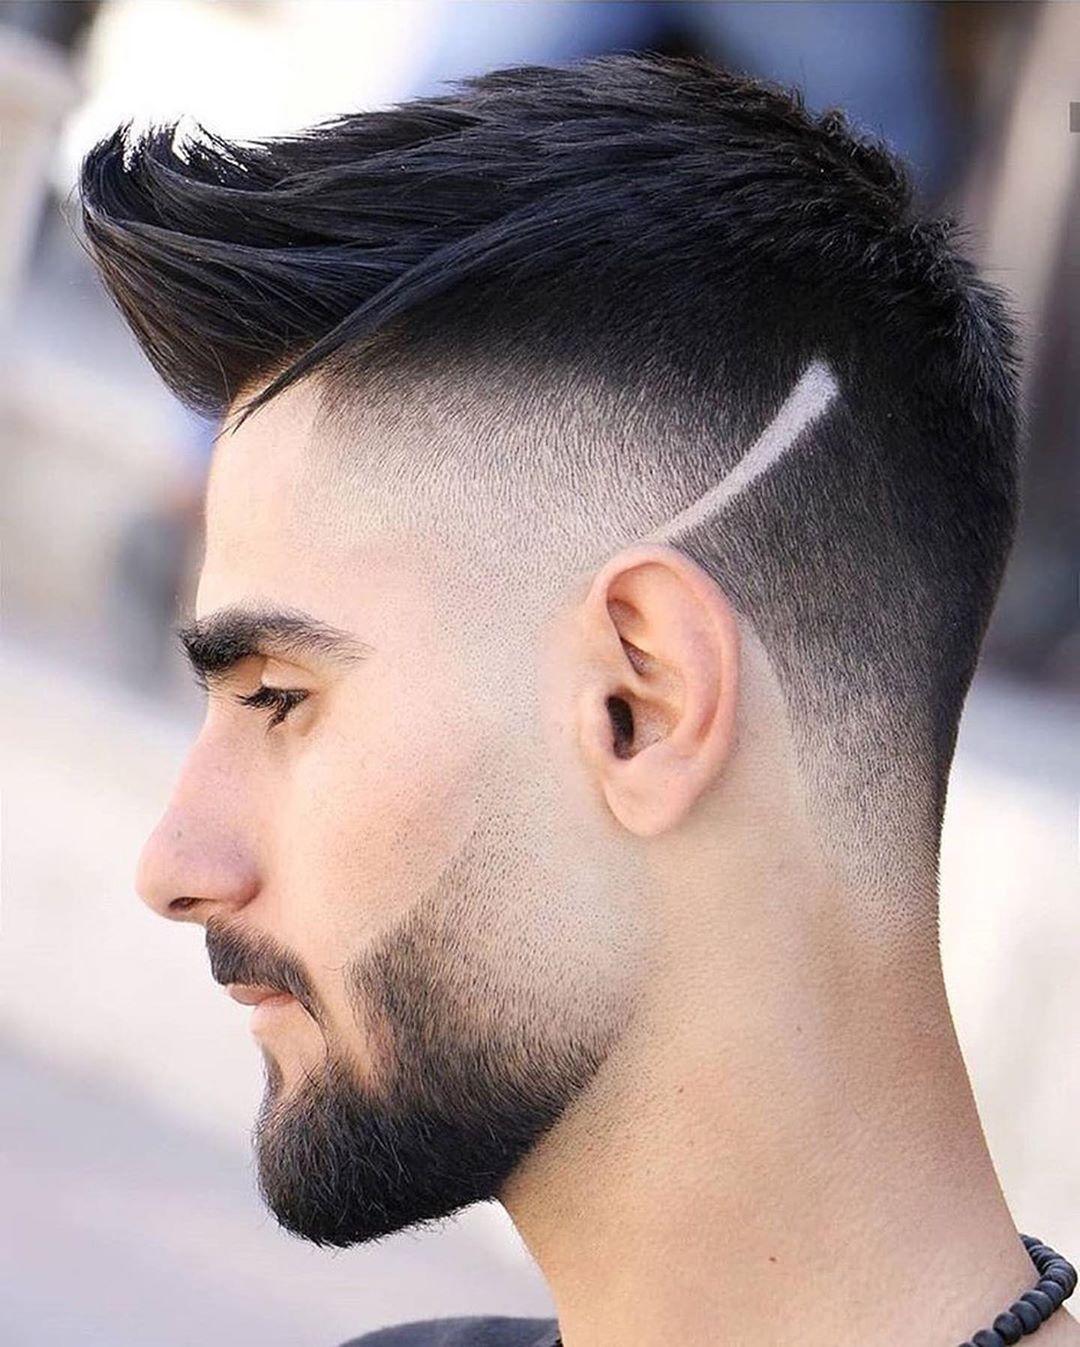 Rate This Haircut From 1 - 10 ⁉️. - Foll Barbershop - Hair Cut